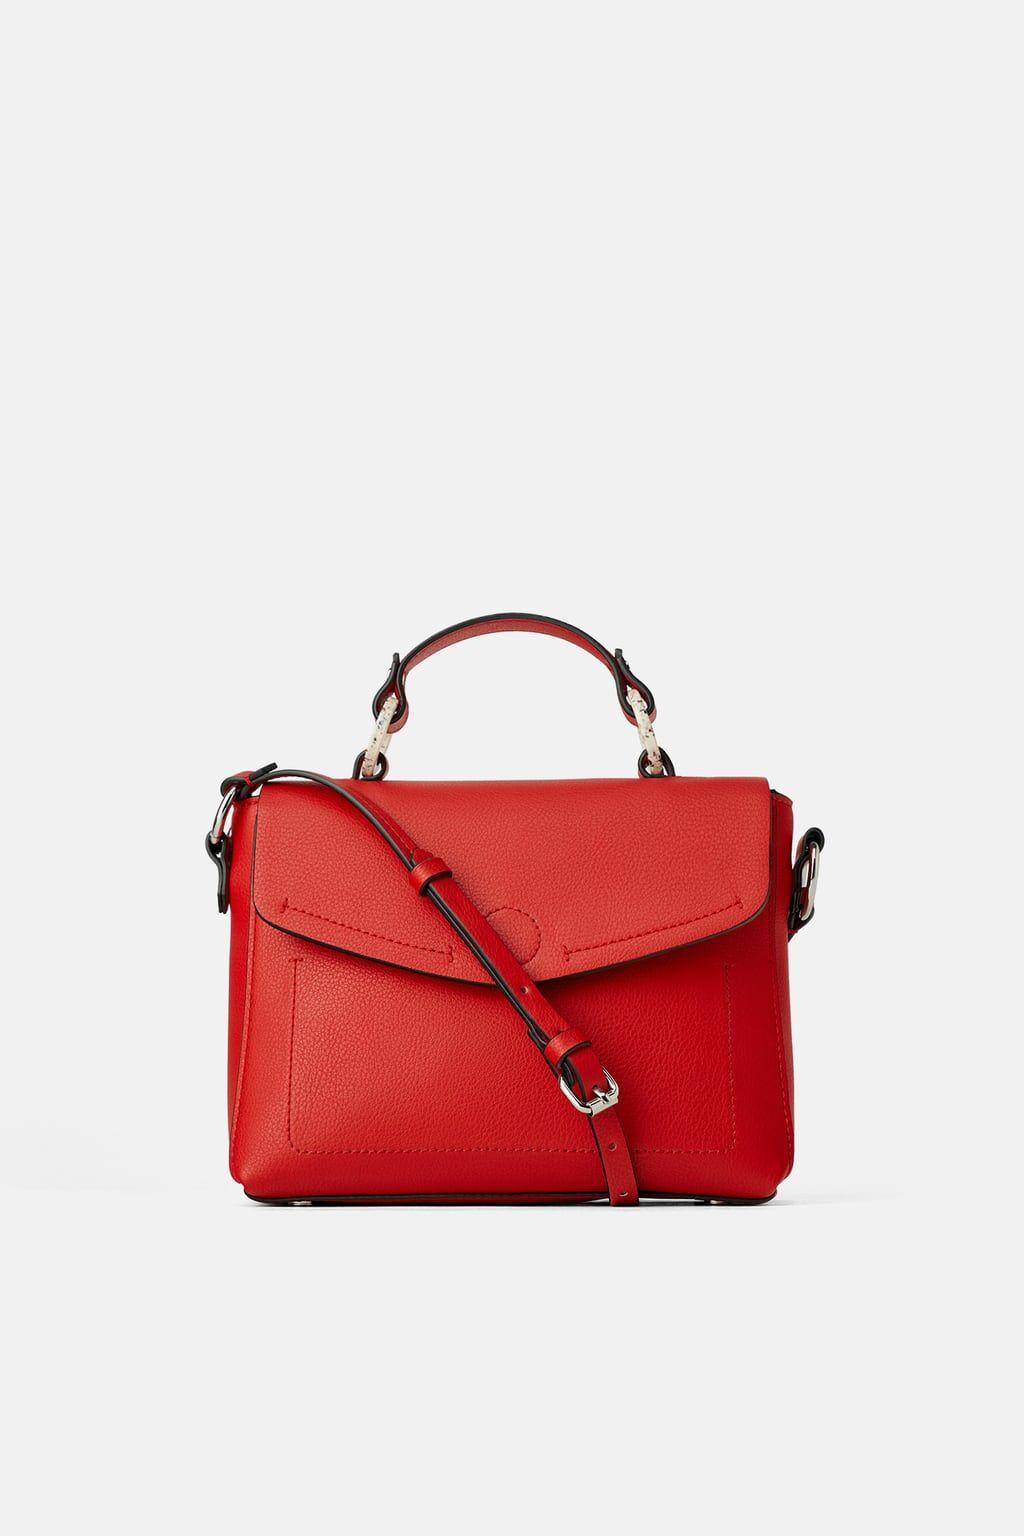 Para MujerNueva Zara Bolsos Bags Colombia Online En Colección HDY29IWeE